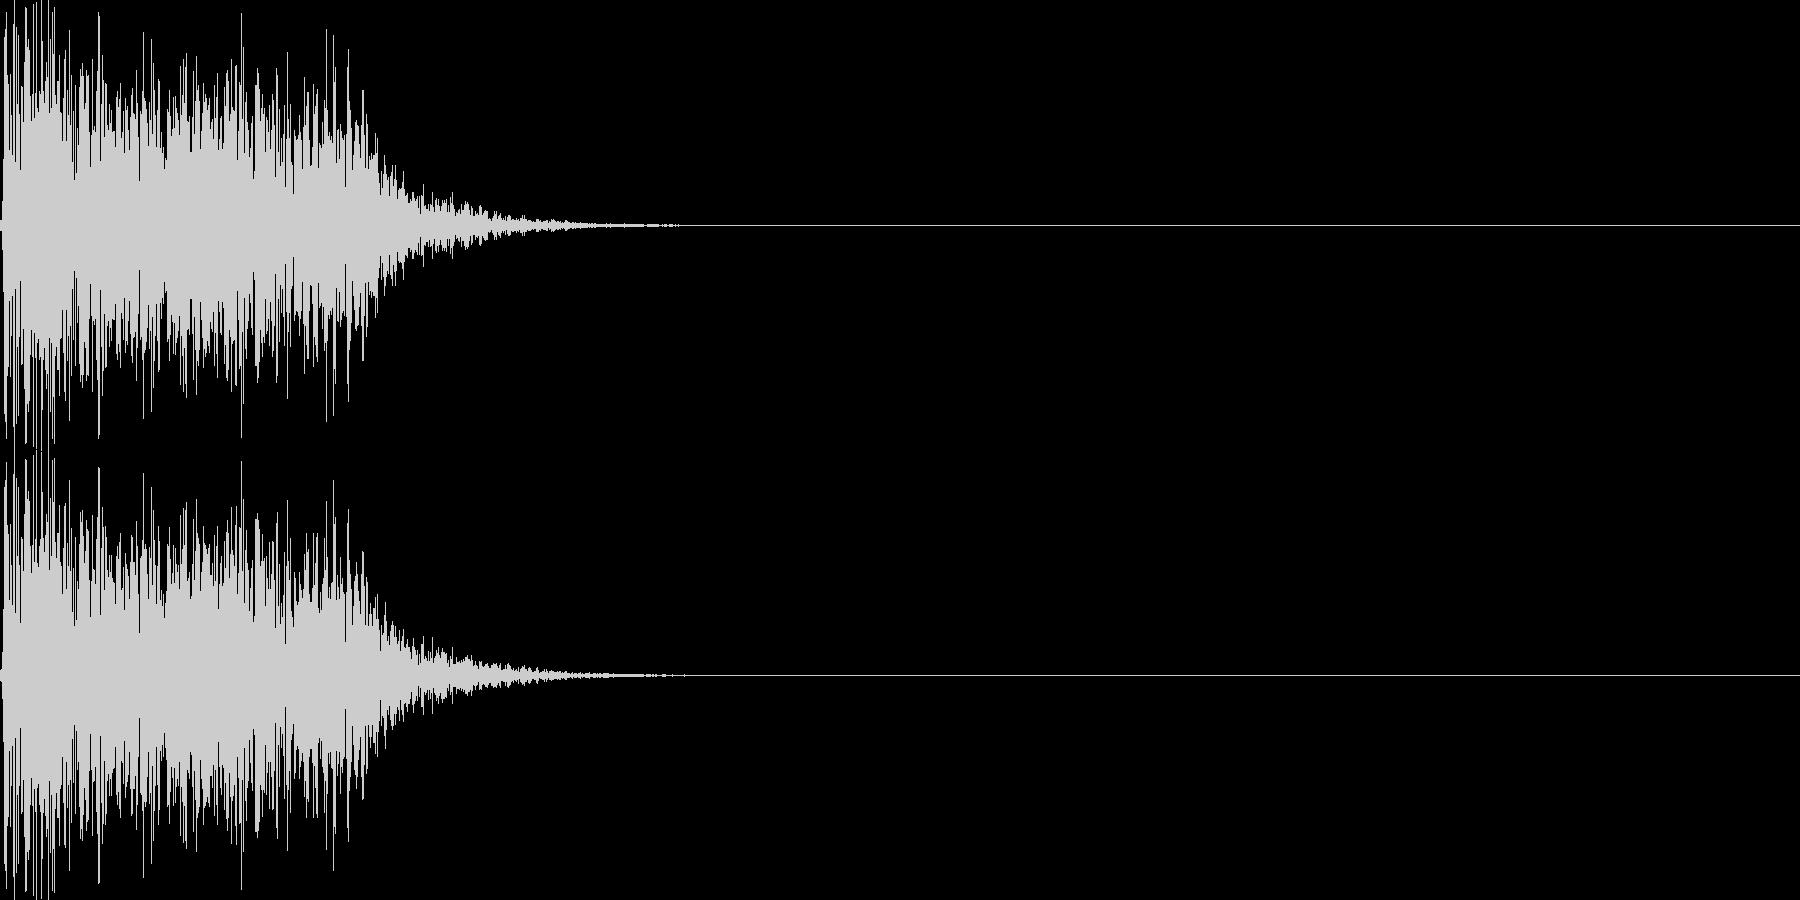 呪文02の未再生の波形